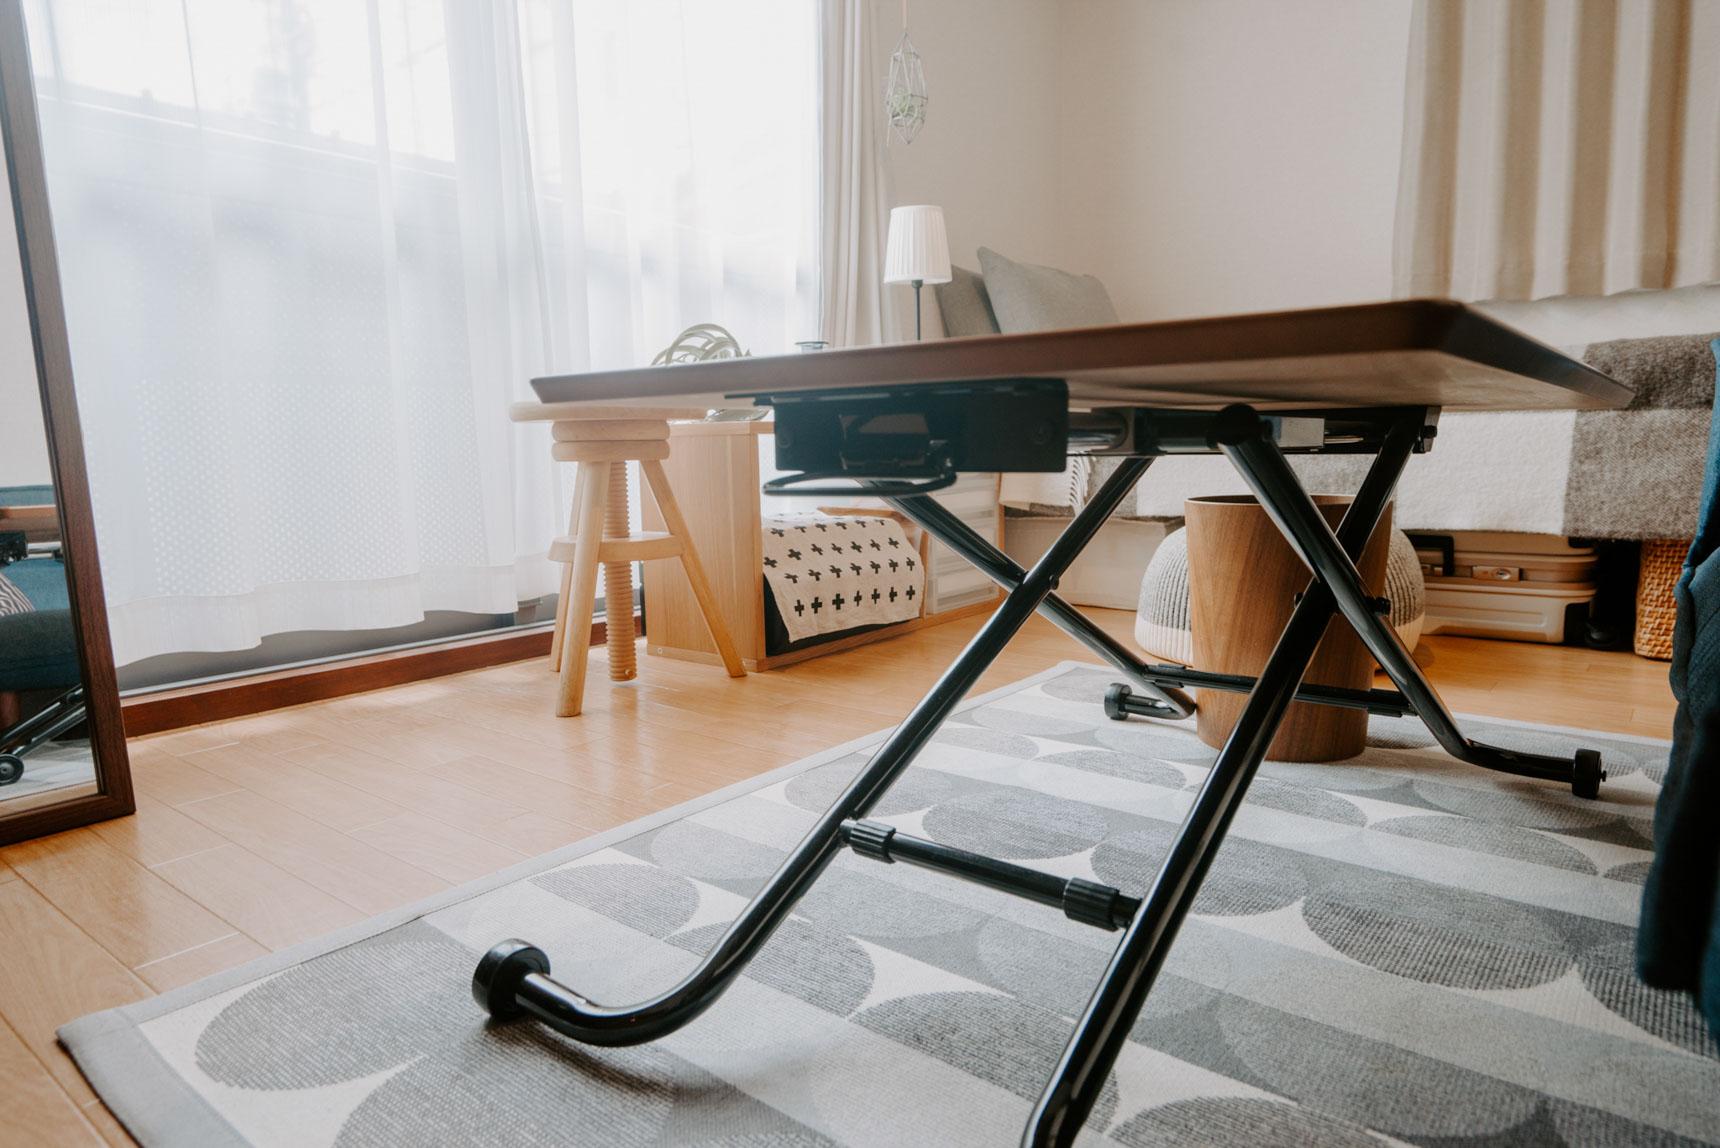 油圧式で簡単に高さが変えられるので、ローテーブルとワークデスクを兼ね備えています。それぞれの良さを合わせもったスタイル。狭い賃貸に暮らしている方にとってのグッドアイディア賞です。